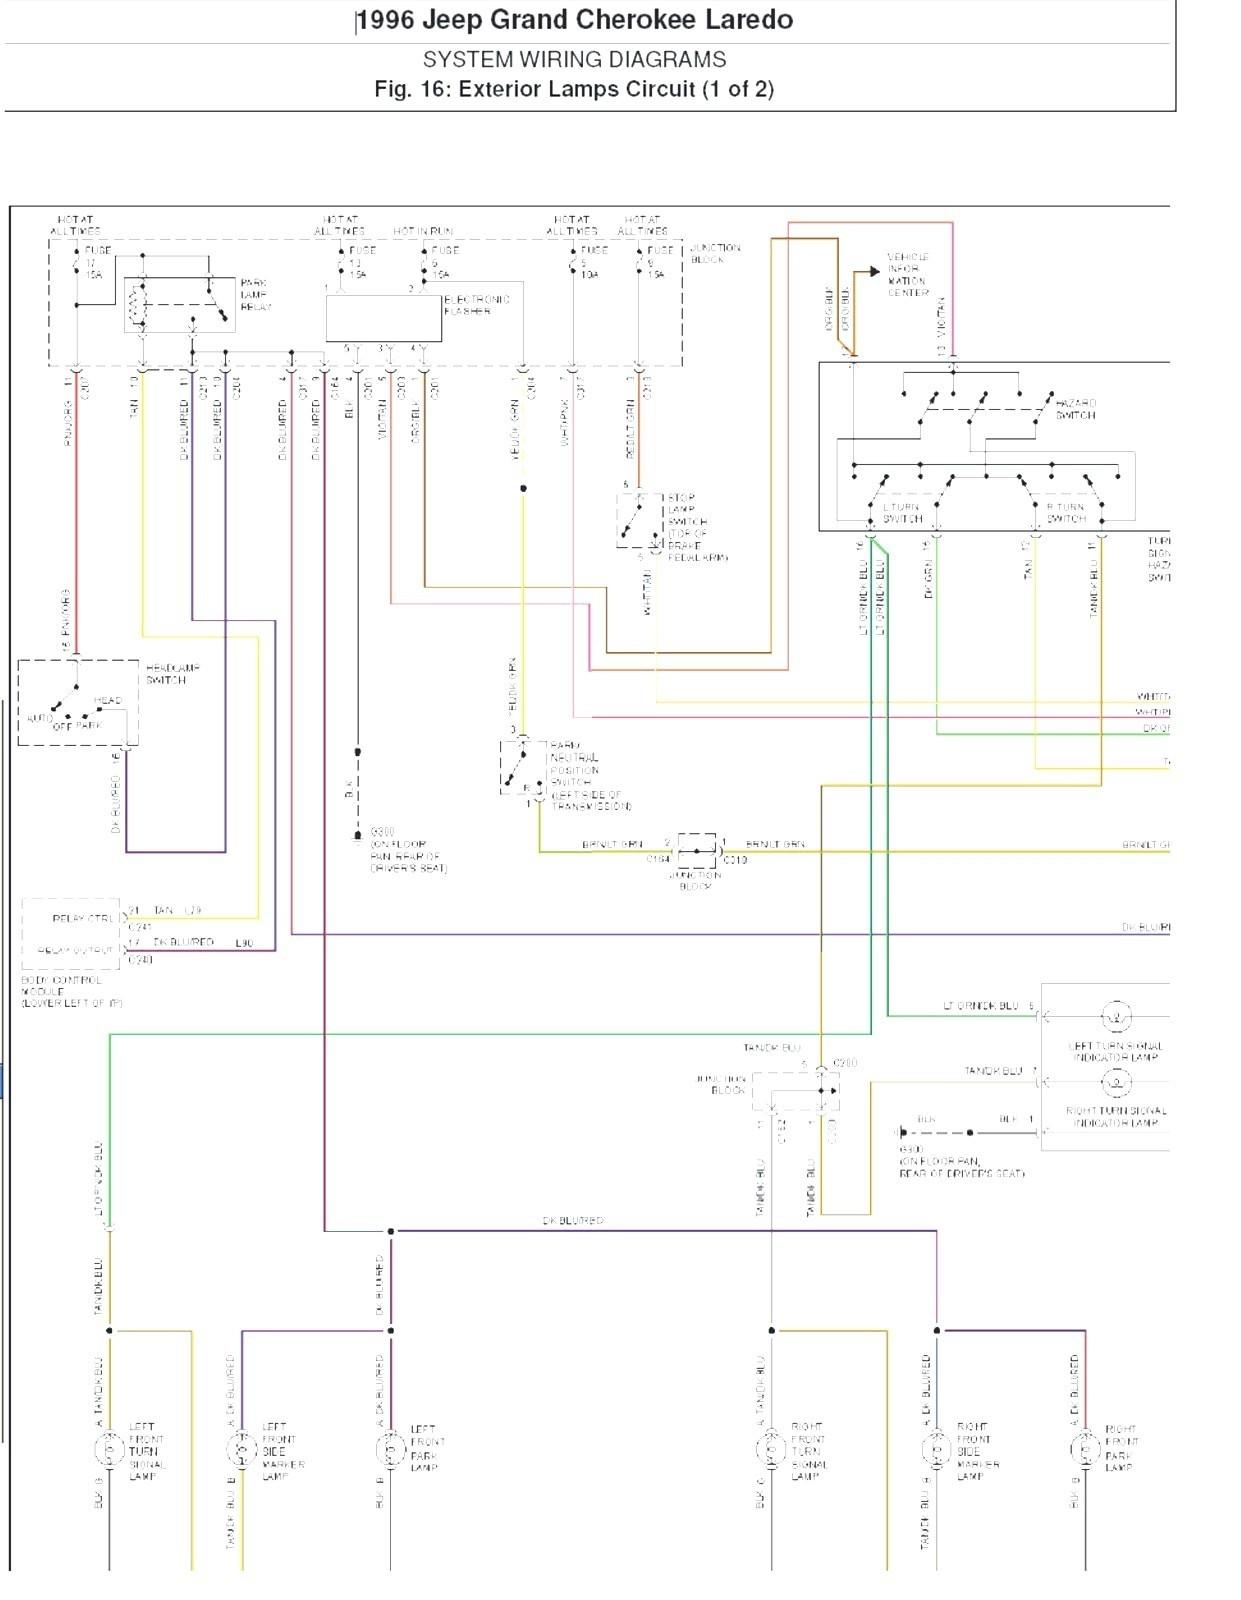 gmos 04 wiring diagram free wiring diagram 04 Trailblazer Radio Wiring Diagram gmos 04 wiring diagram gmos 04 wiring diagram download gmos 04 wiring diagram pioneer avh